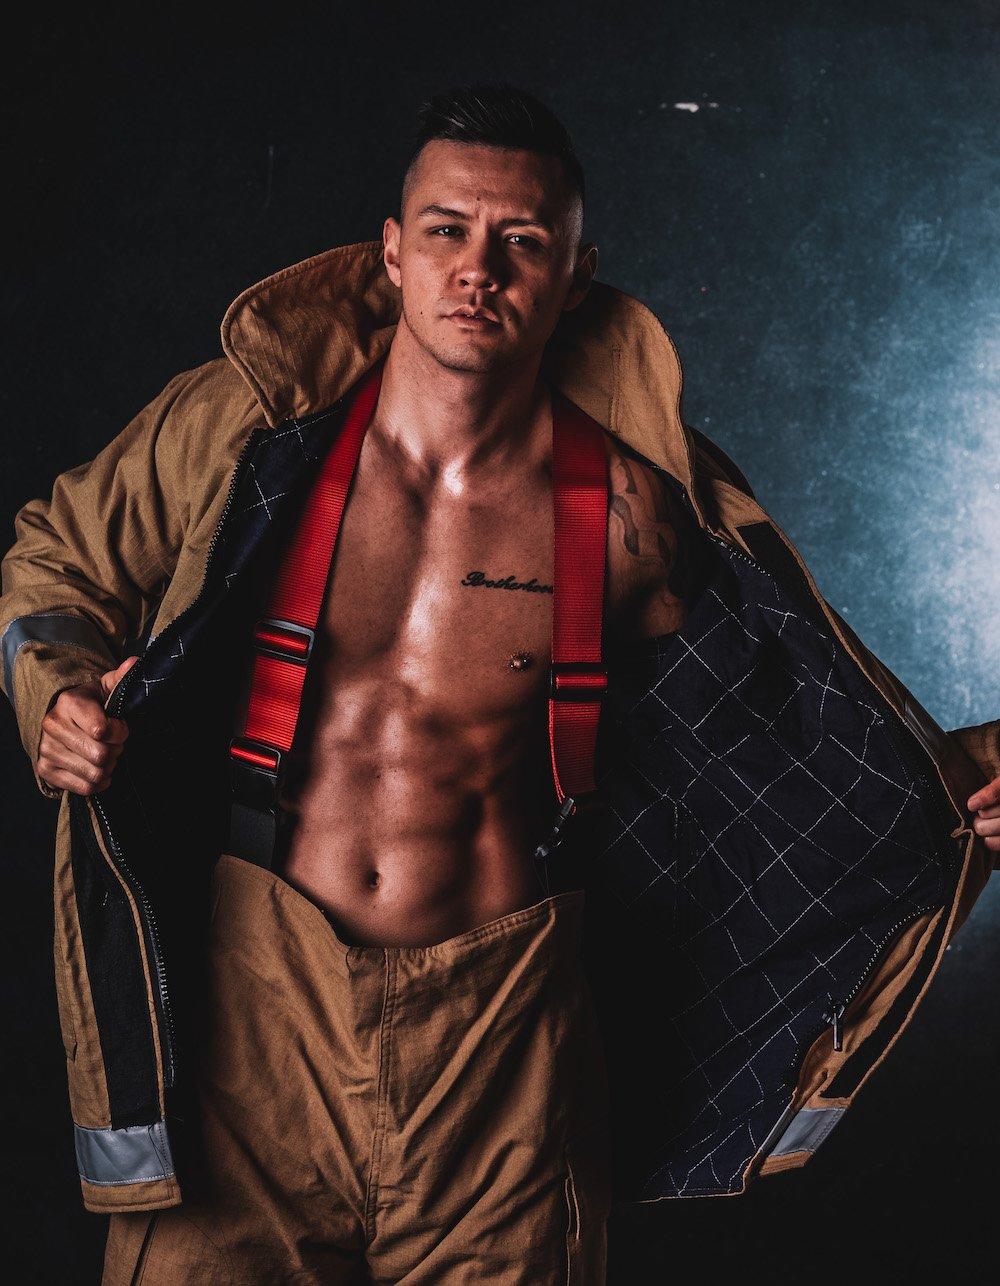 Zain Fireman Stripper